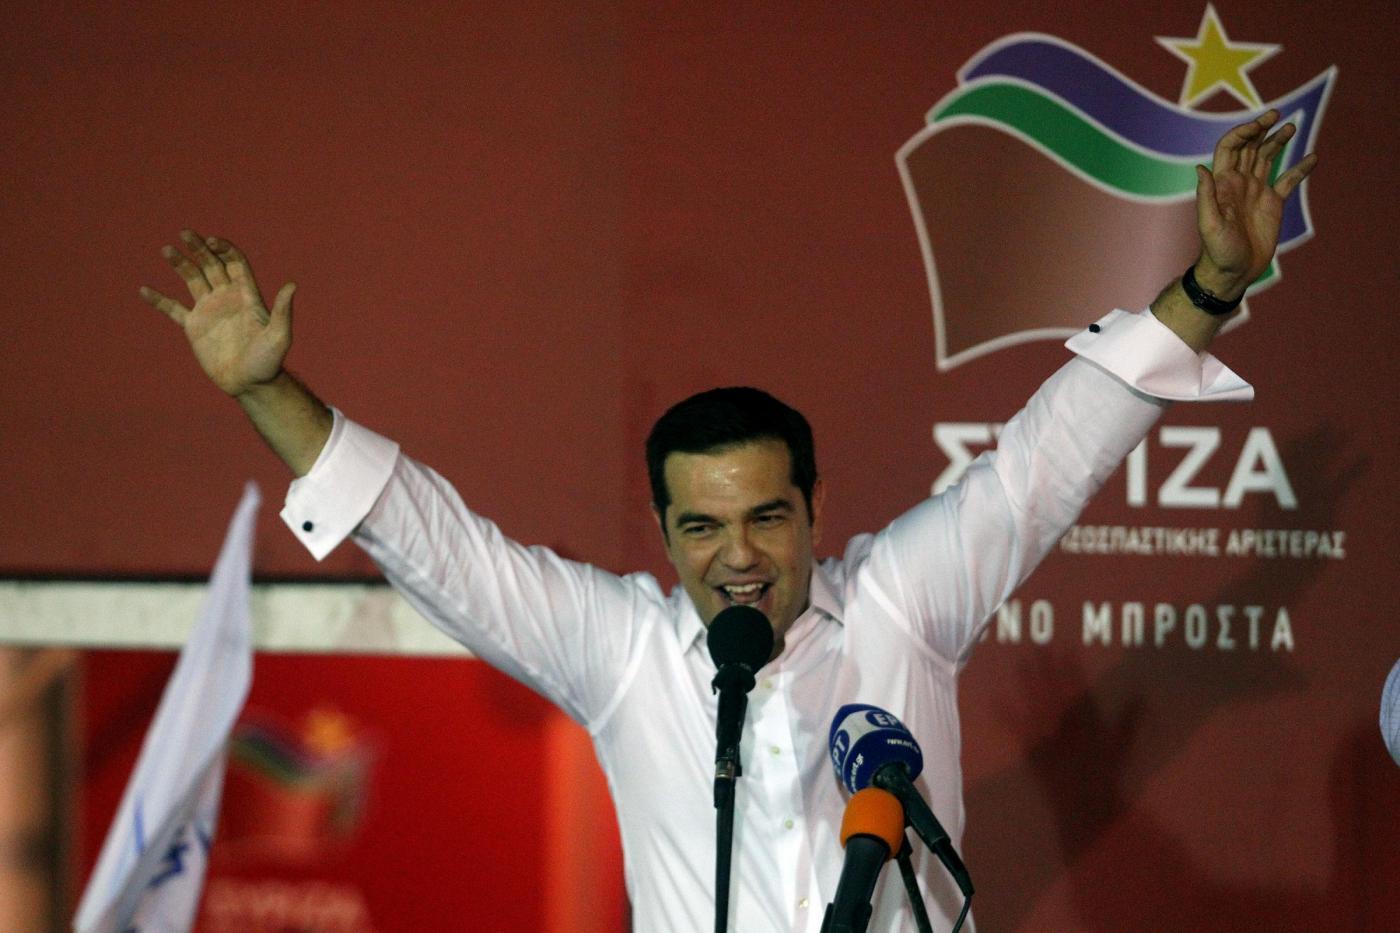 Elezioni in Grecia, Tsipras vince ancora